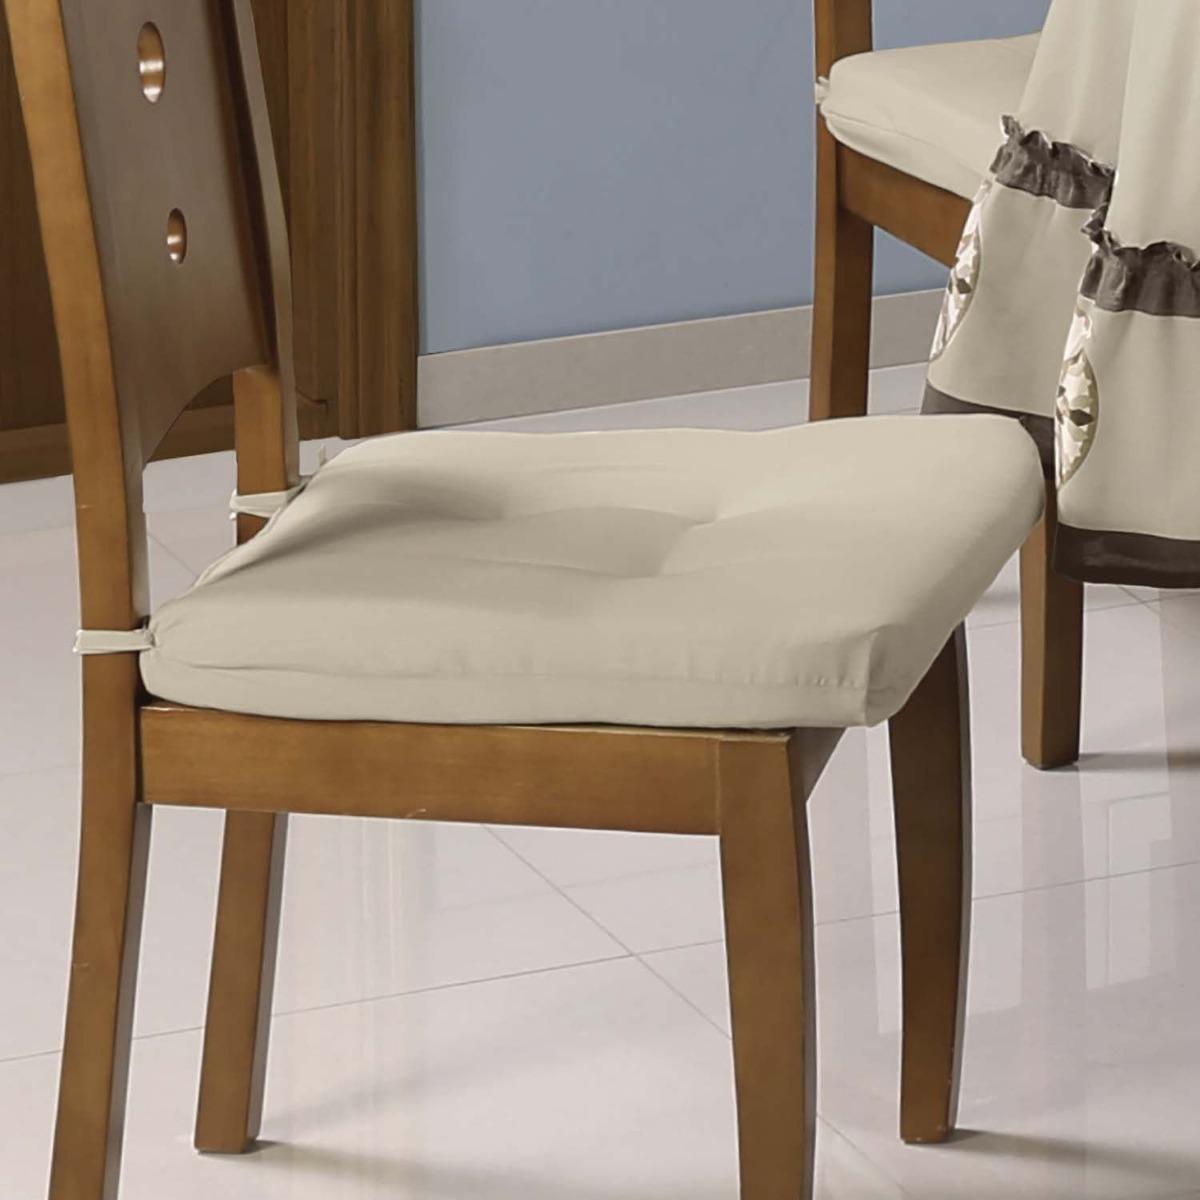 Concord jgo de 6 cojines para silla de comedor caramel - Cojines para sillones de terraza ...